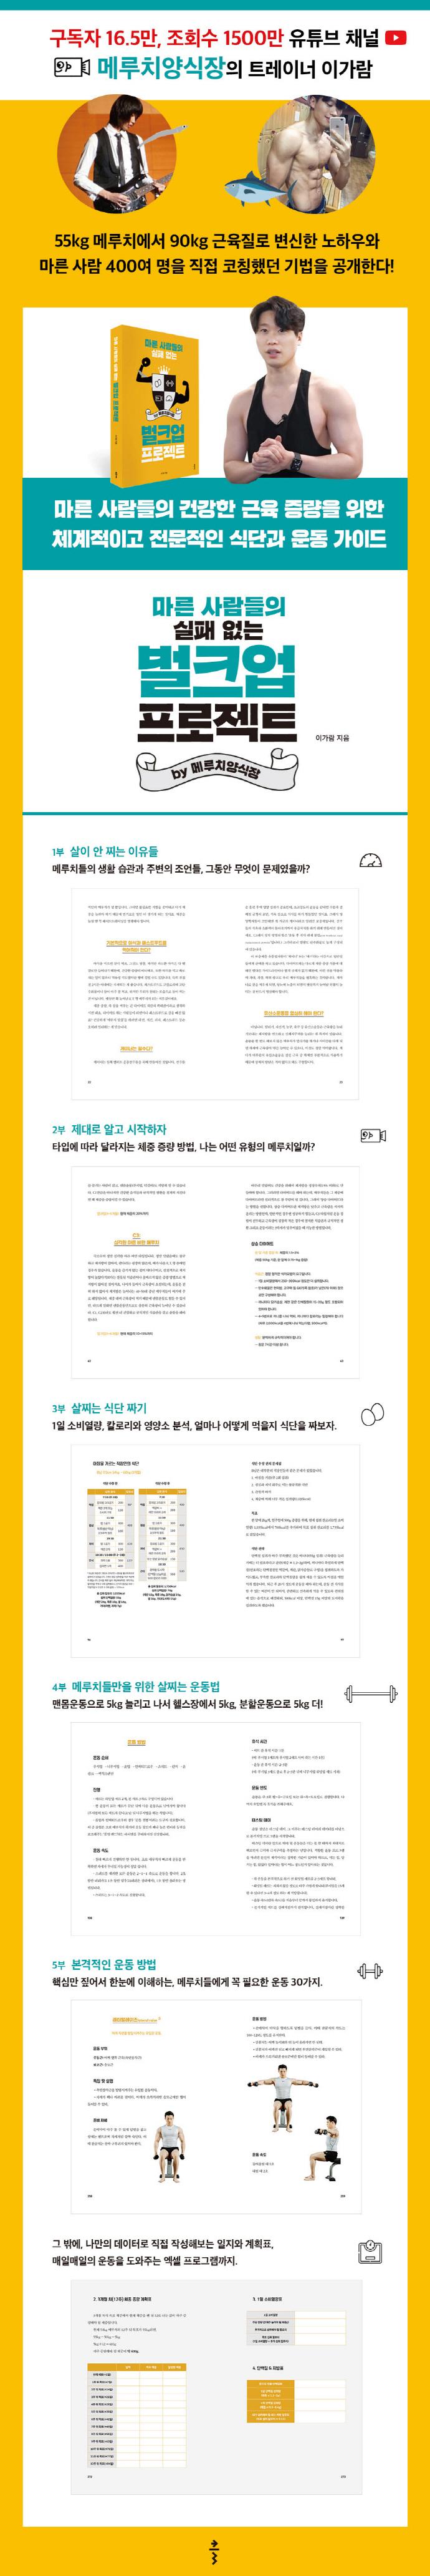 마른 사람들의 실패 없는 벌크업 프로젝트 by 메루치양식장 도서 상세이미지